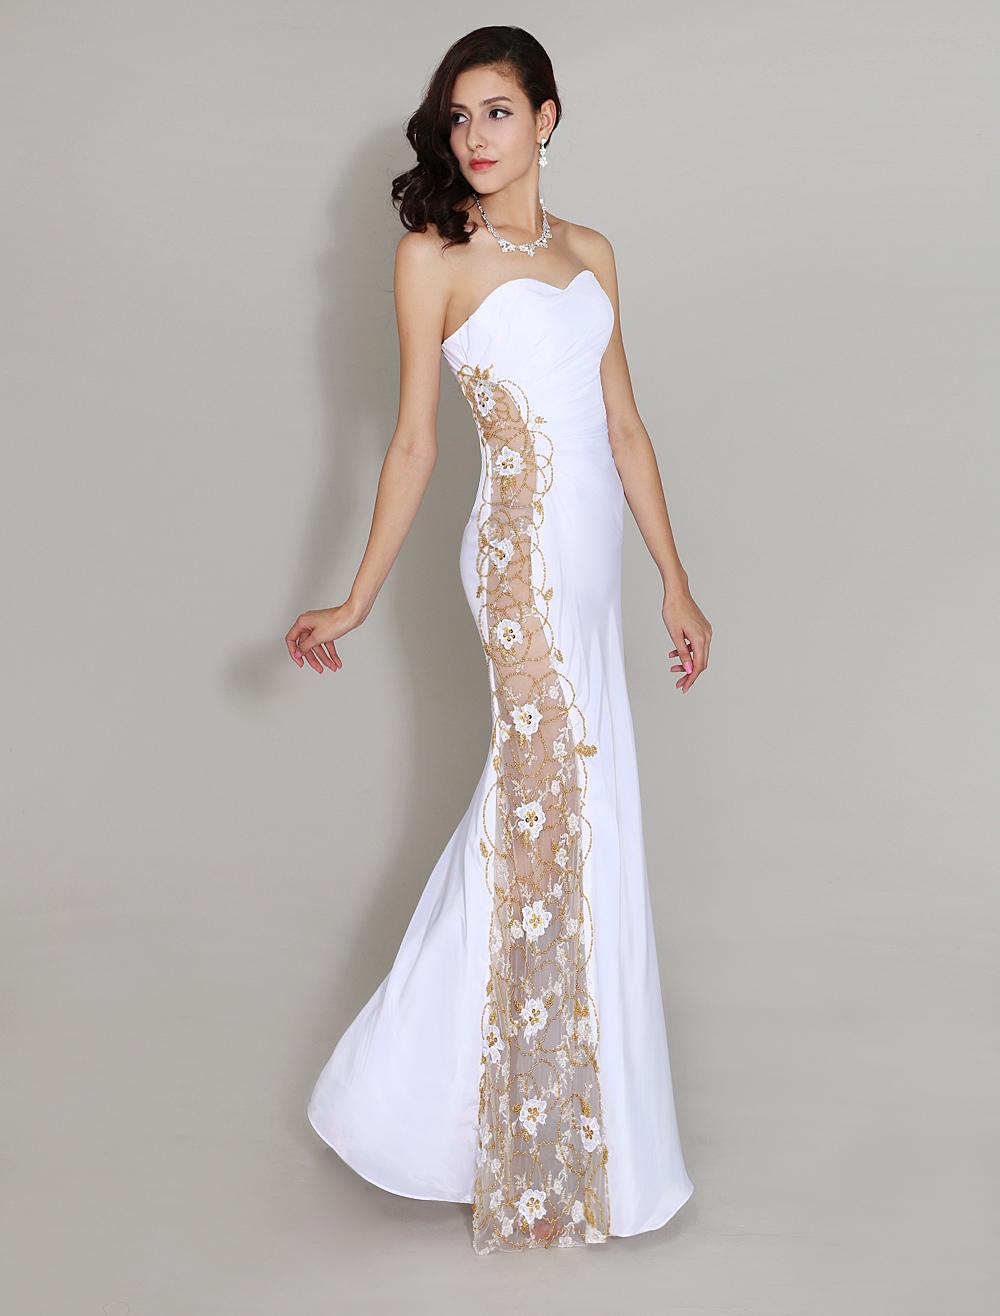 Robe de soir e blanche avec applique d 39 encolure en coeur for Jupe a carreaux noir et blanc